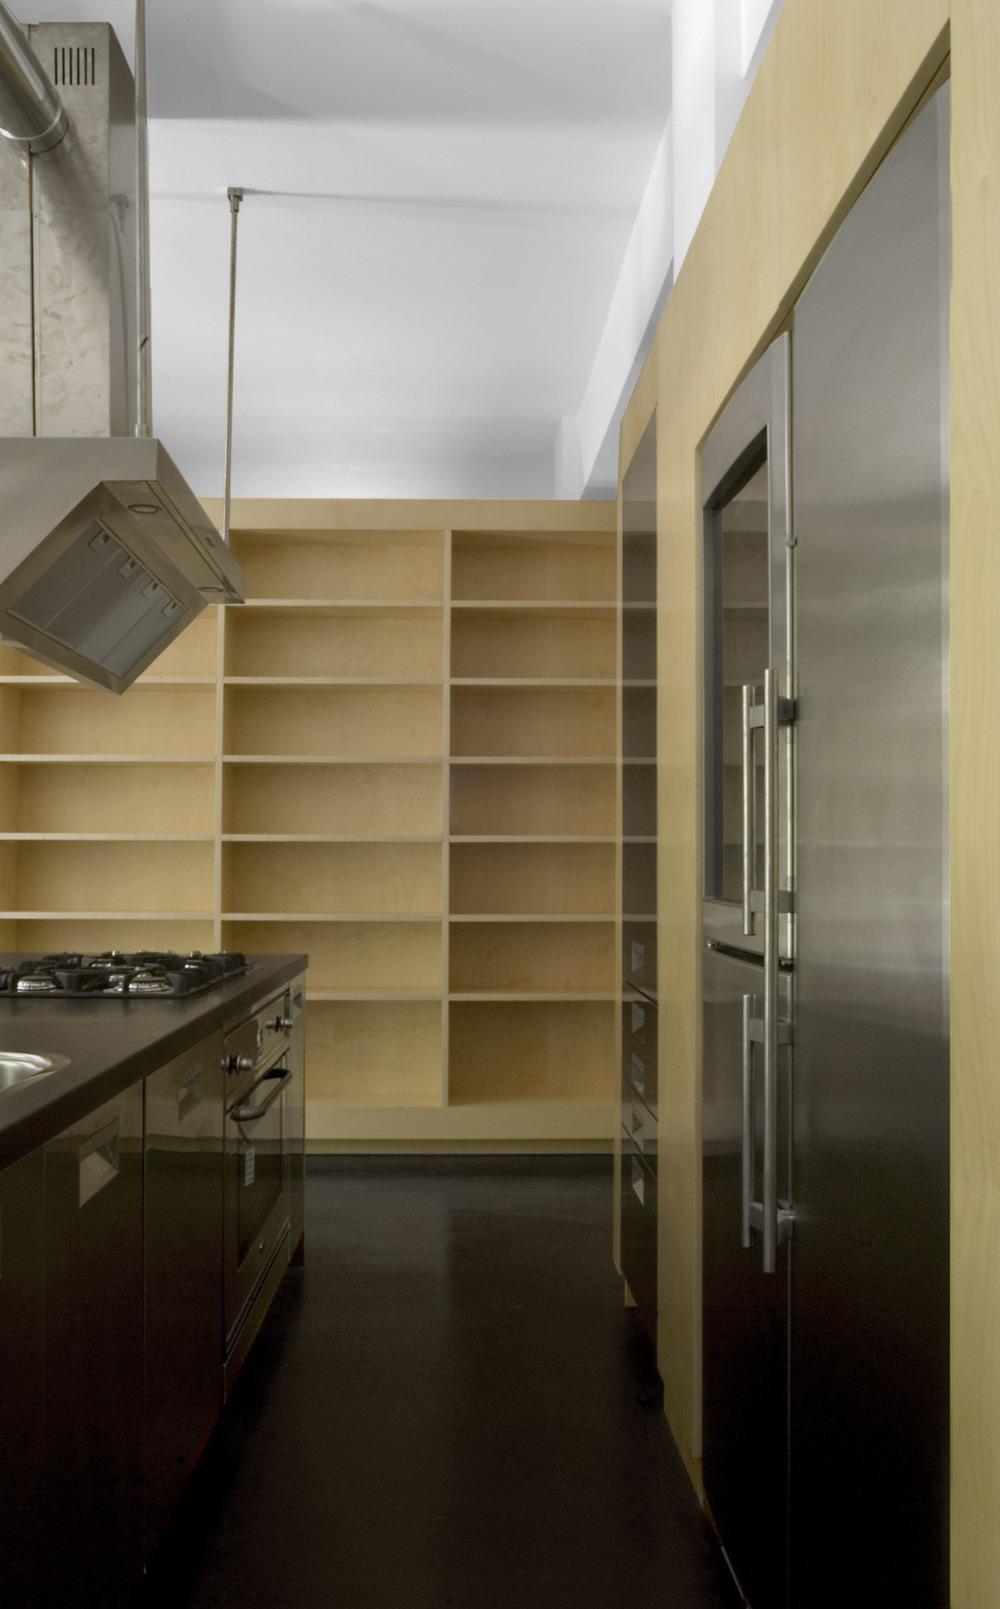 Il centro della casa, la cucina, con lo sfondo della libreria che la separa dalla zona notte.